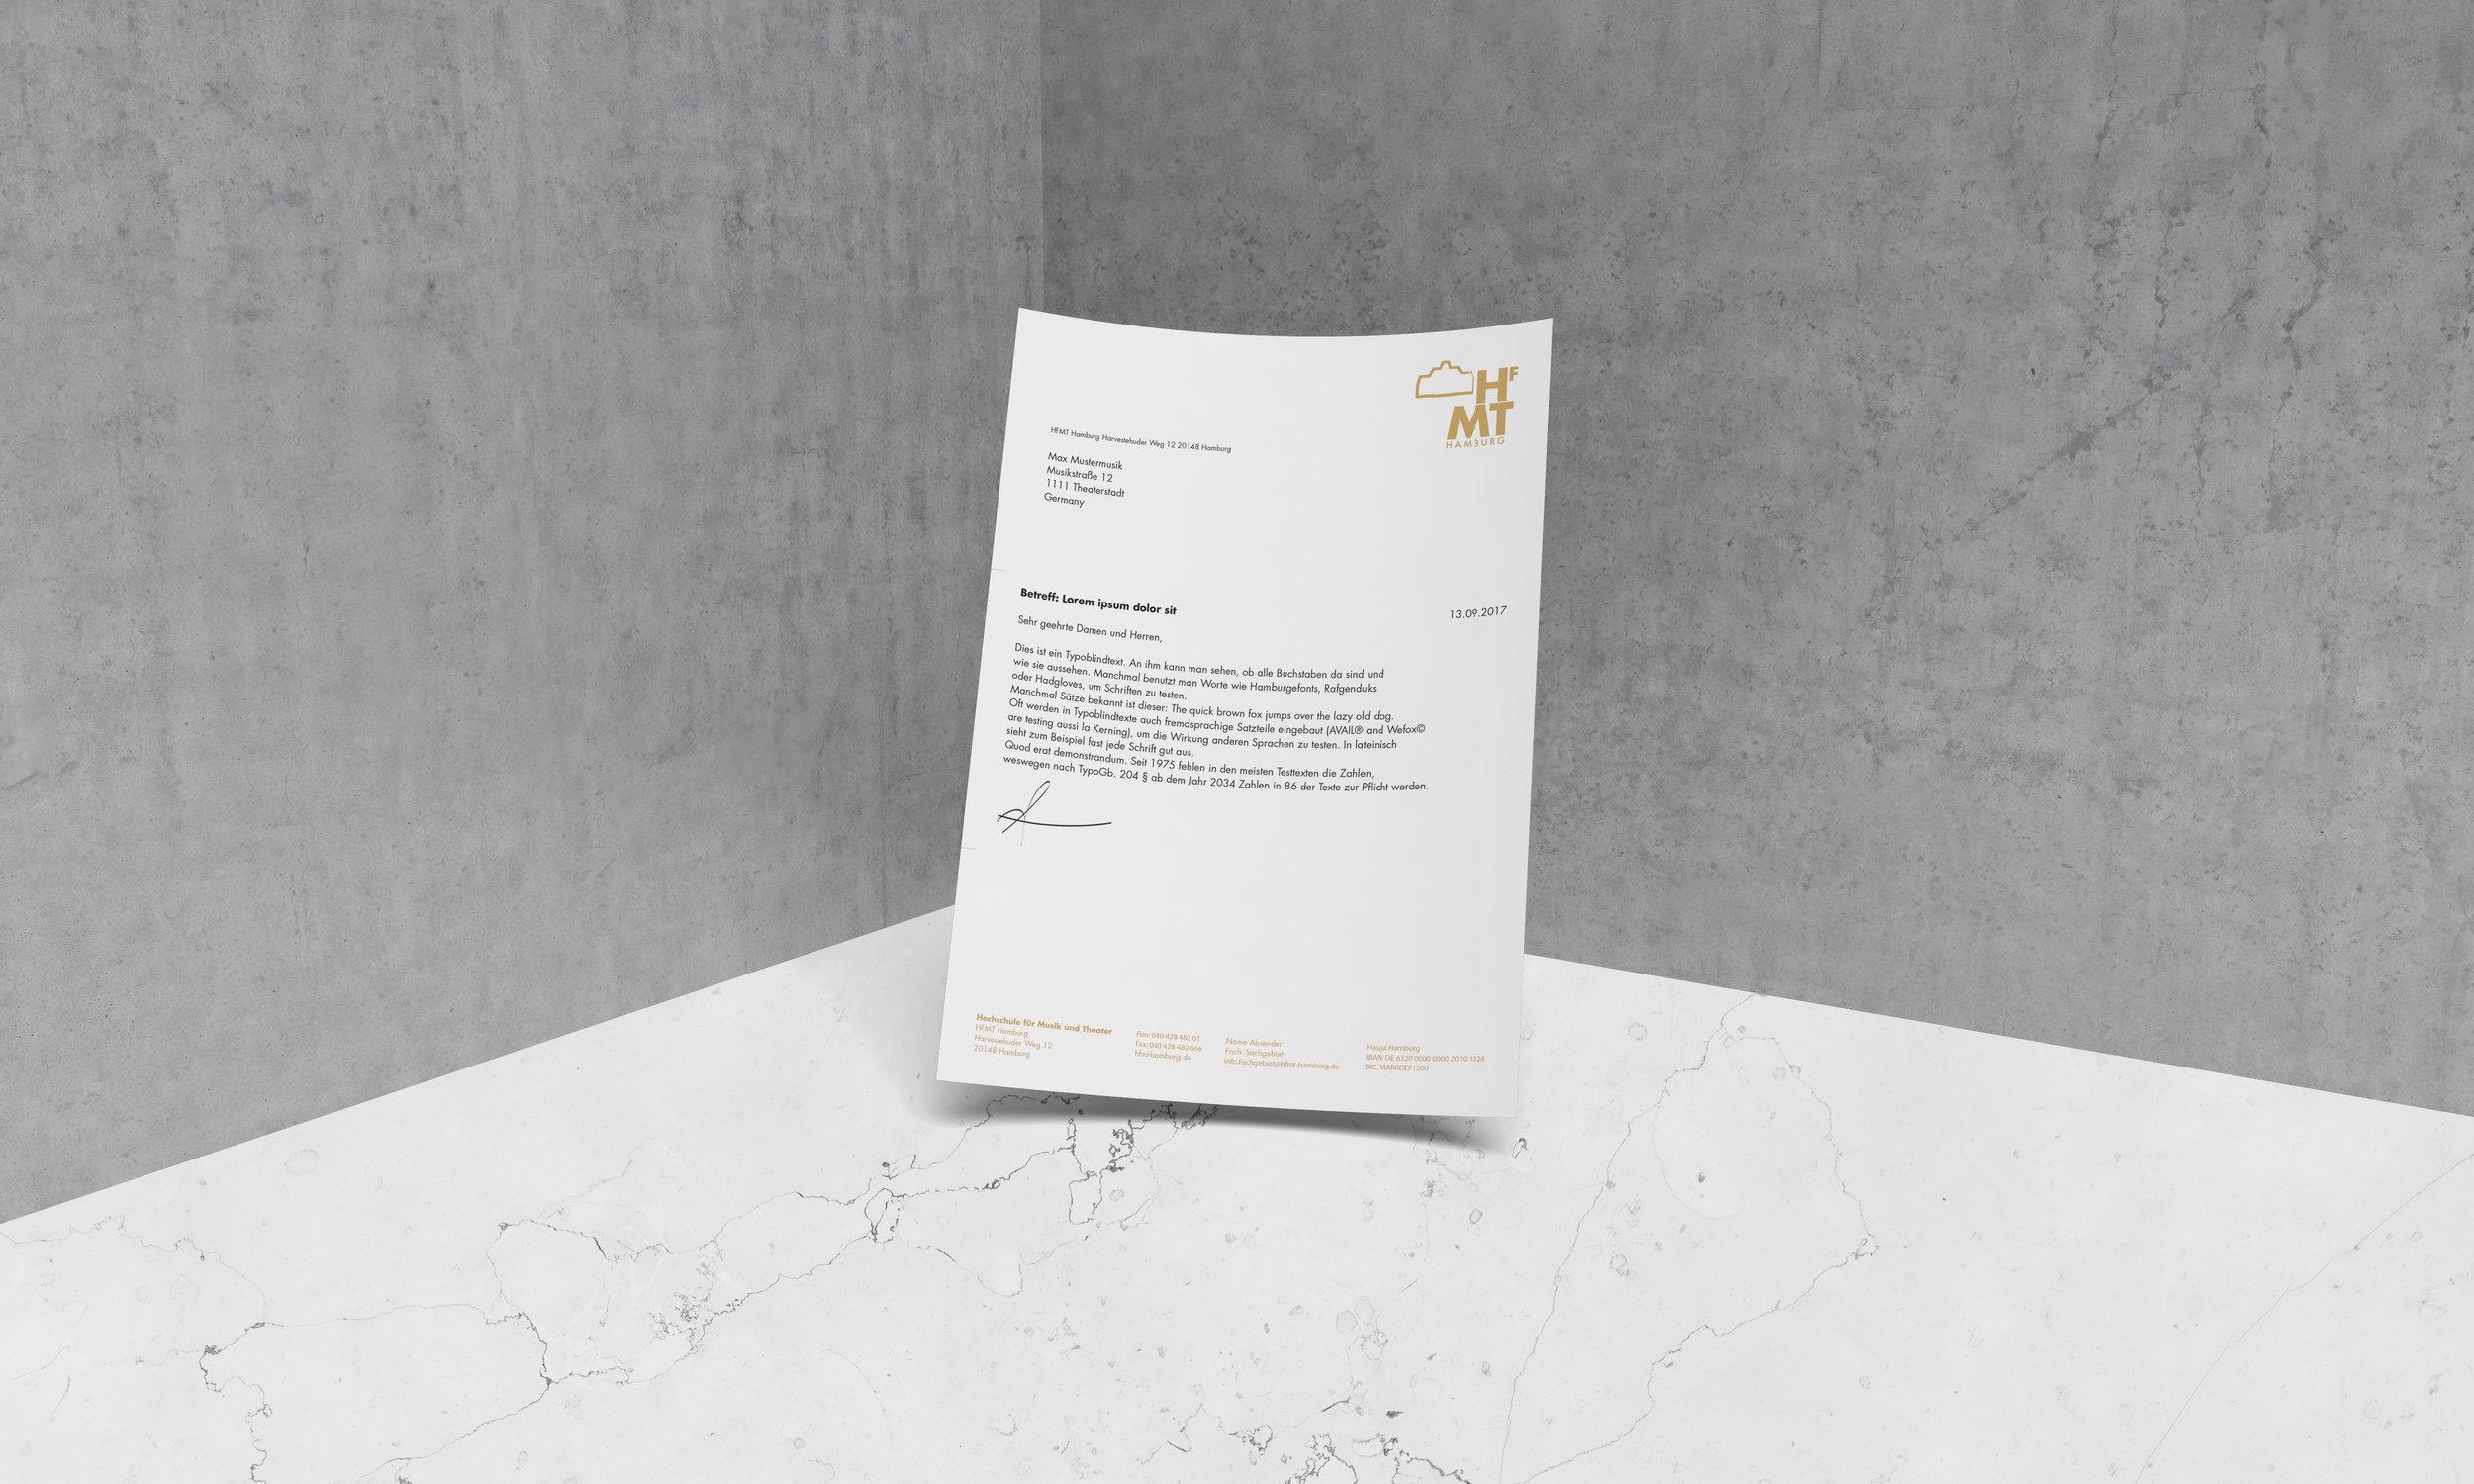 HFMT- Letterhead.jpg